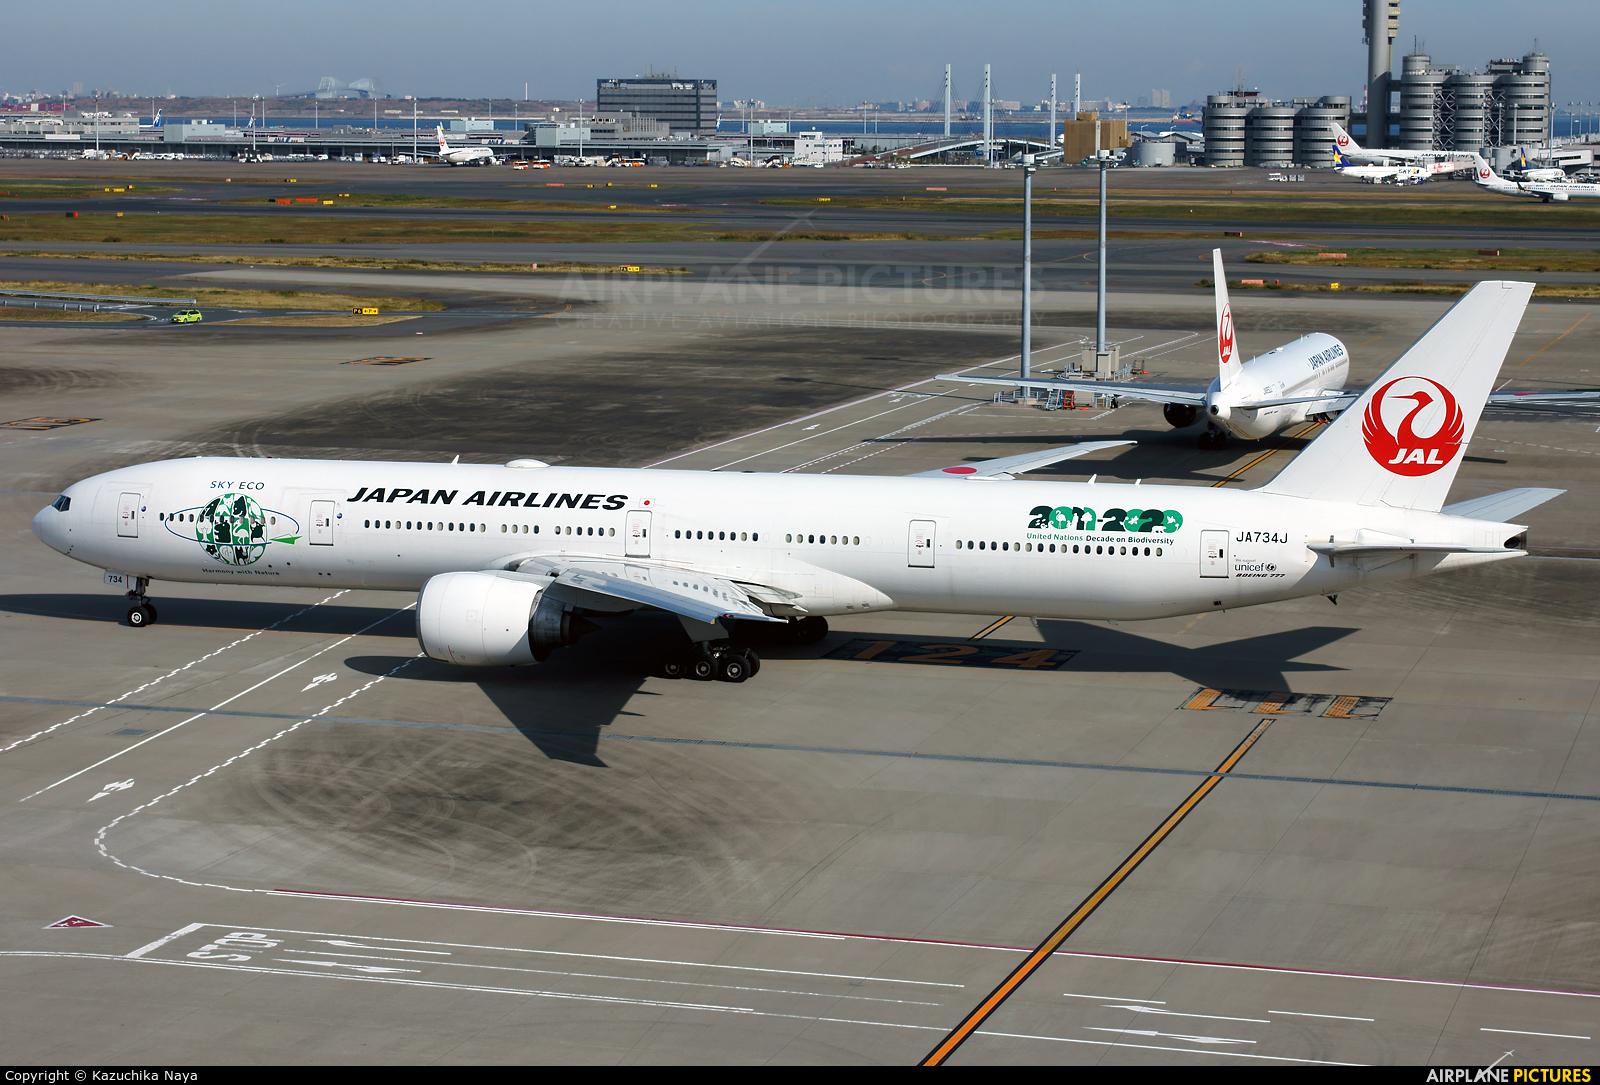 JAL - Japan Airlines JA734J aircraft at Tokyo - Haneda Intl